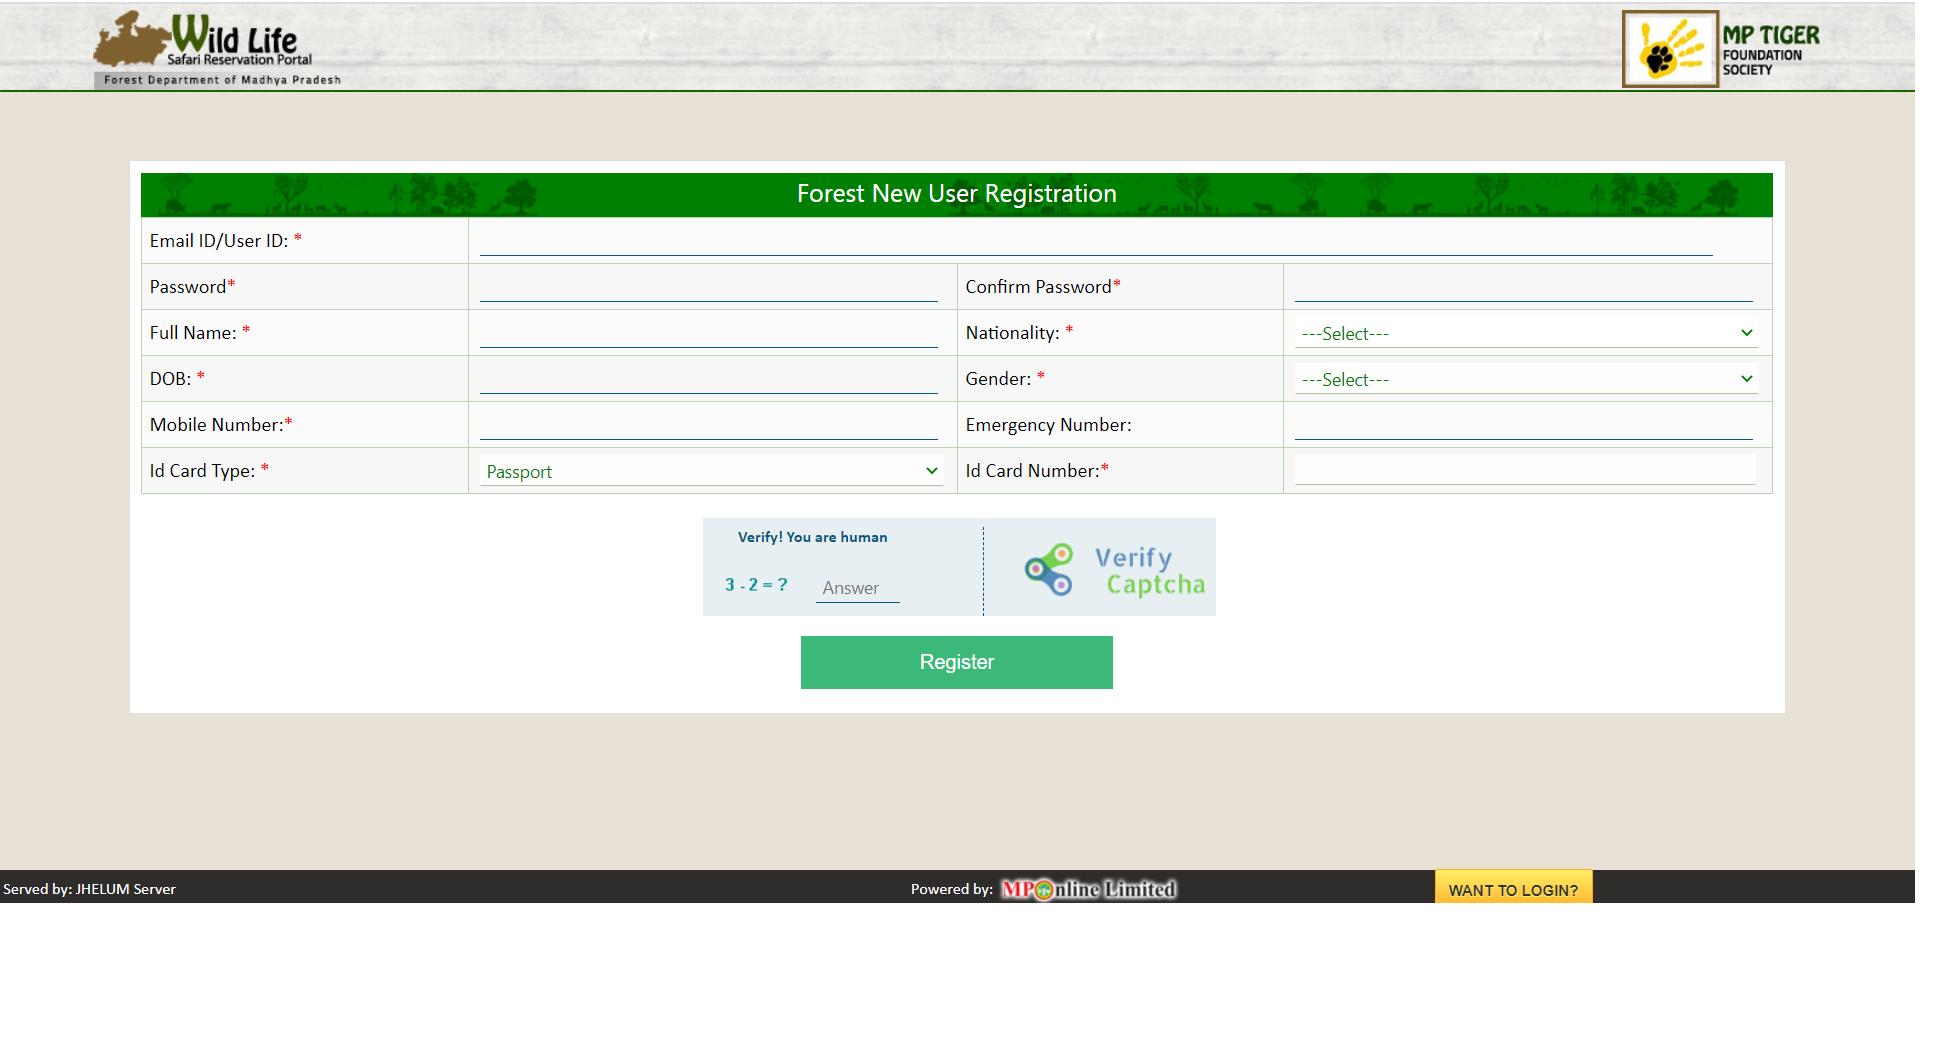 Comprar entradas al Parque Nacional deBandhavgarh - India